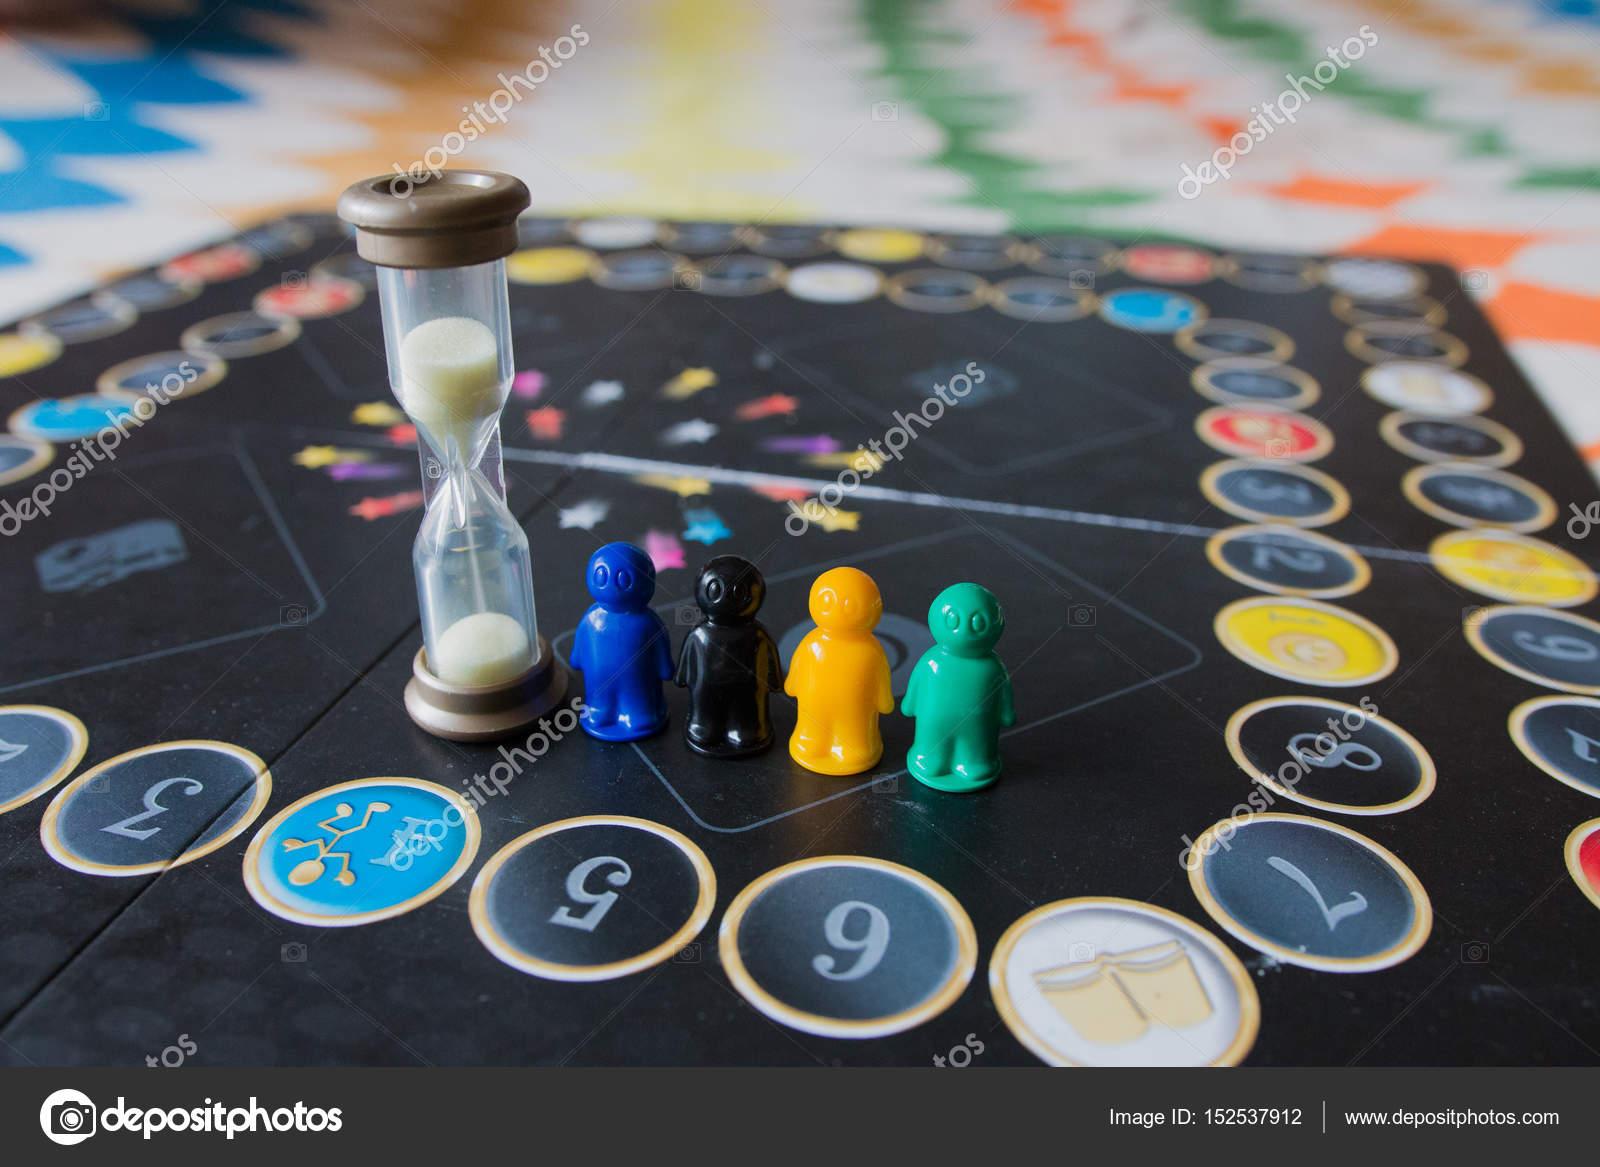 Juegos De Mesa Con Reloj De Arena Varios Colores Fichas Para Juego